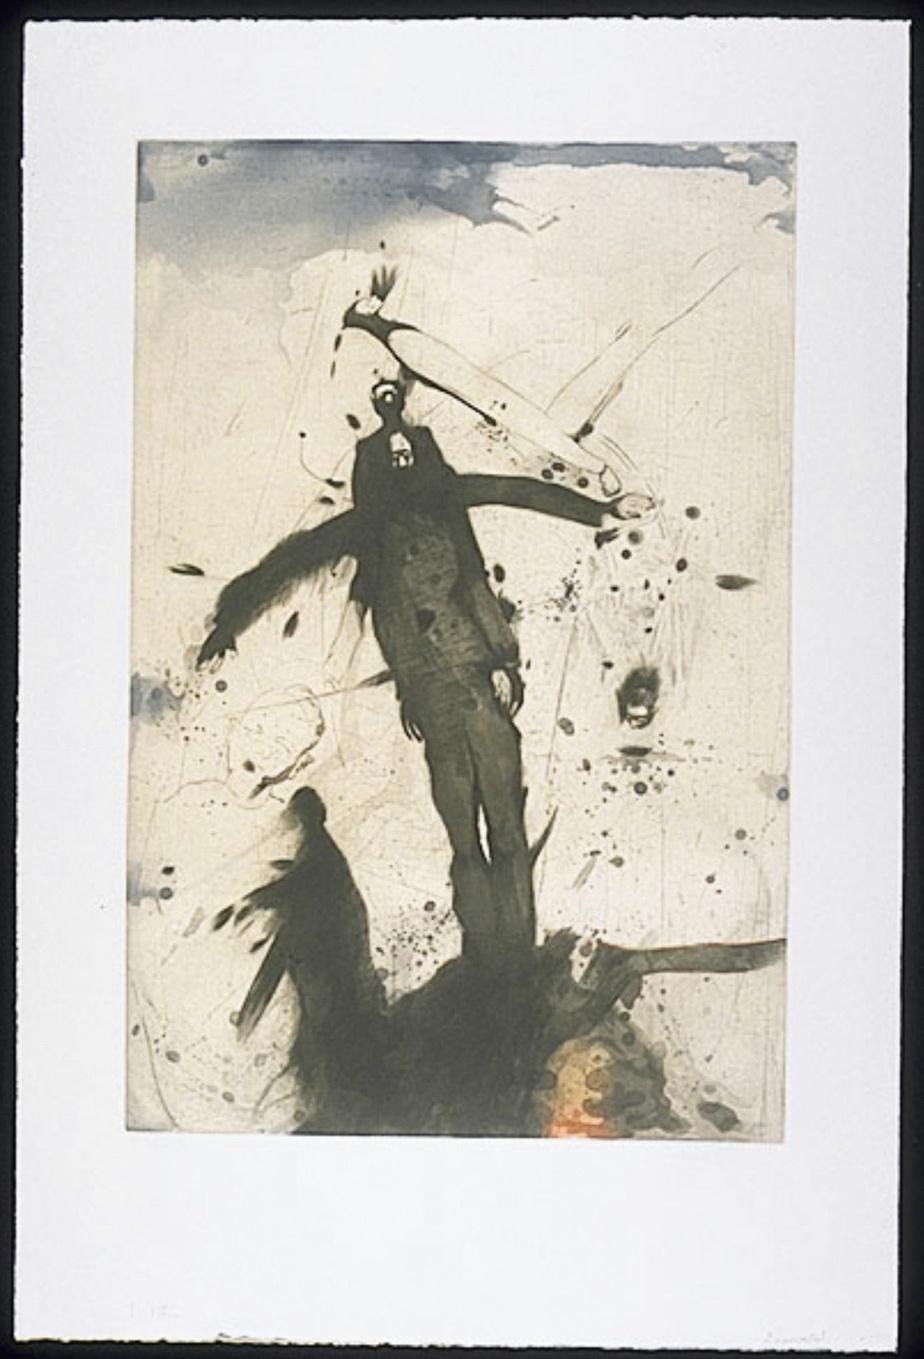 L'épouvantail, 1989, aquatinte et burin sur Chine, 106 cm x 70cm. Une autre impression, légèrement différente, de cette gravure est exposée actuellement à la Biennale internationale de l'estampe de Trois-Rivières.